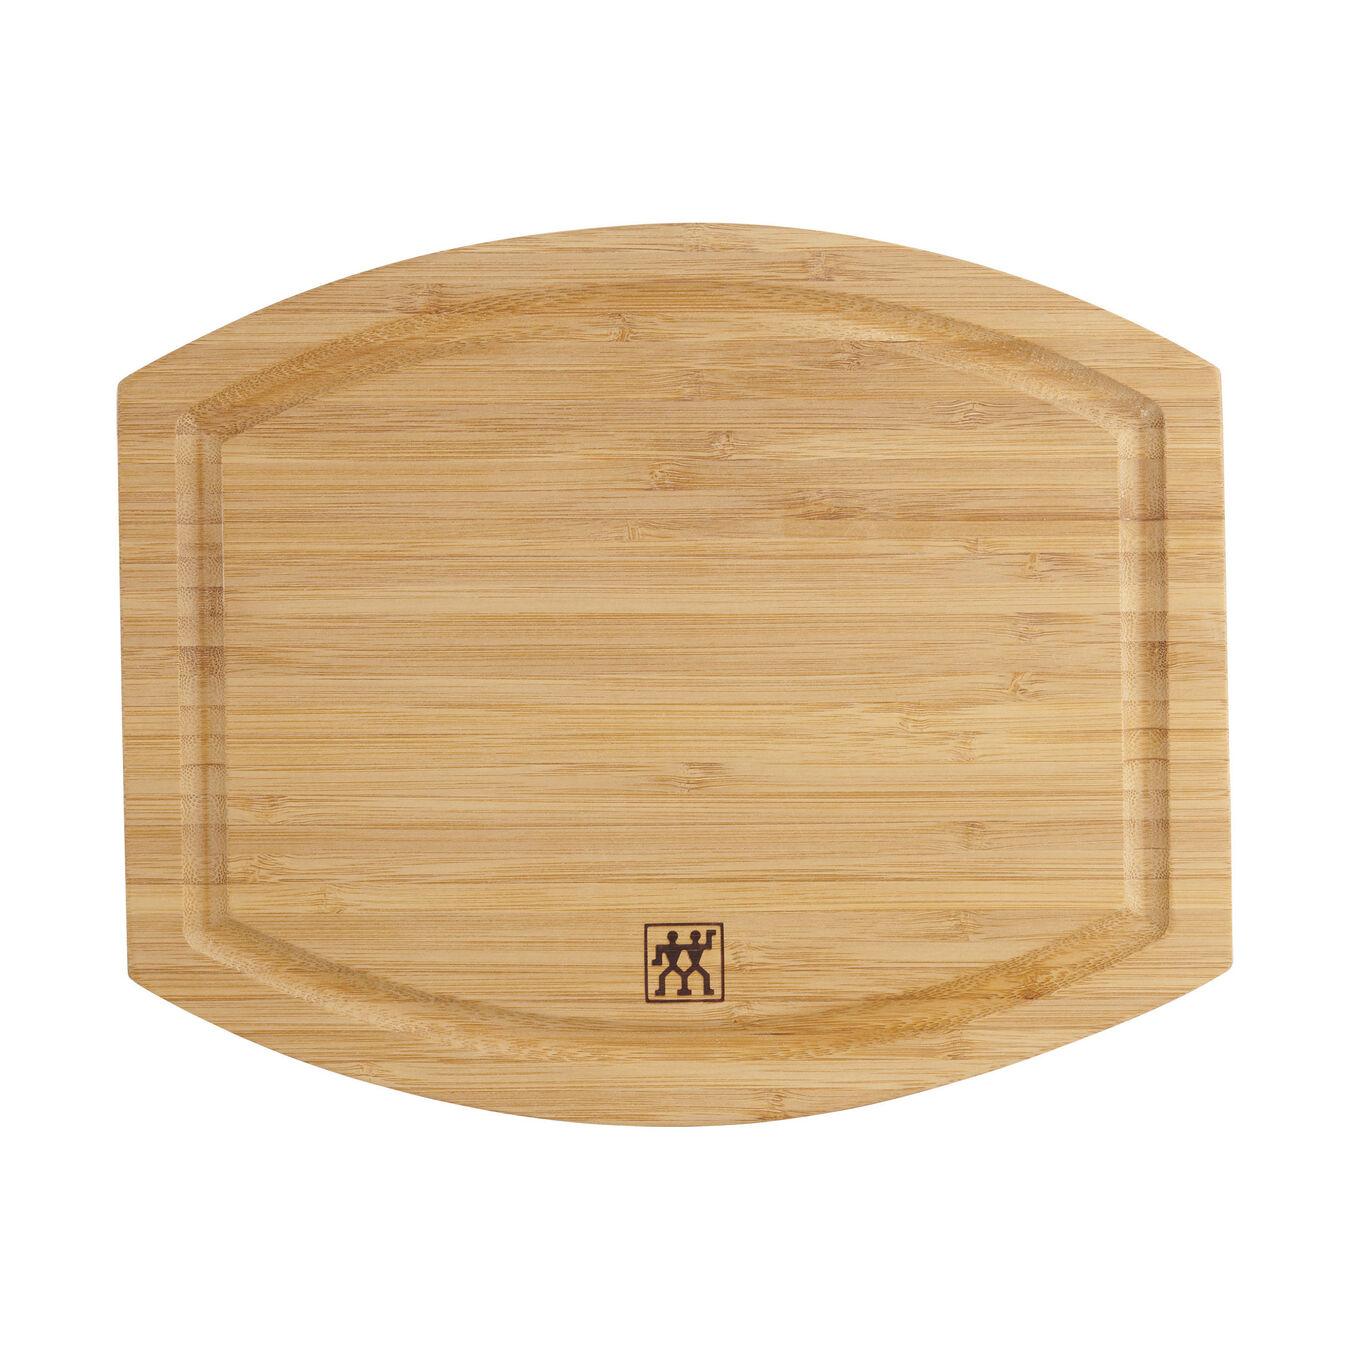 Cutting board, Bamboo ,,large 1